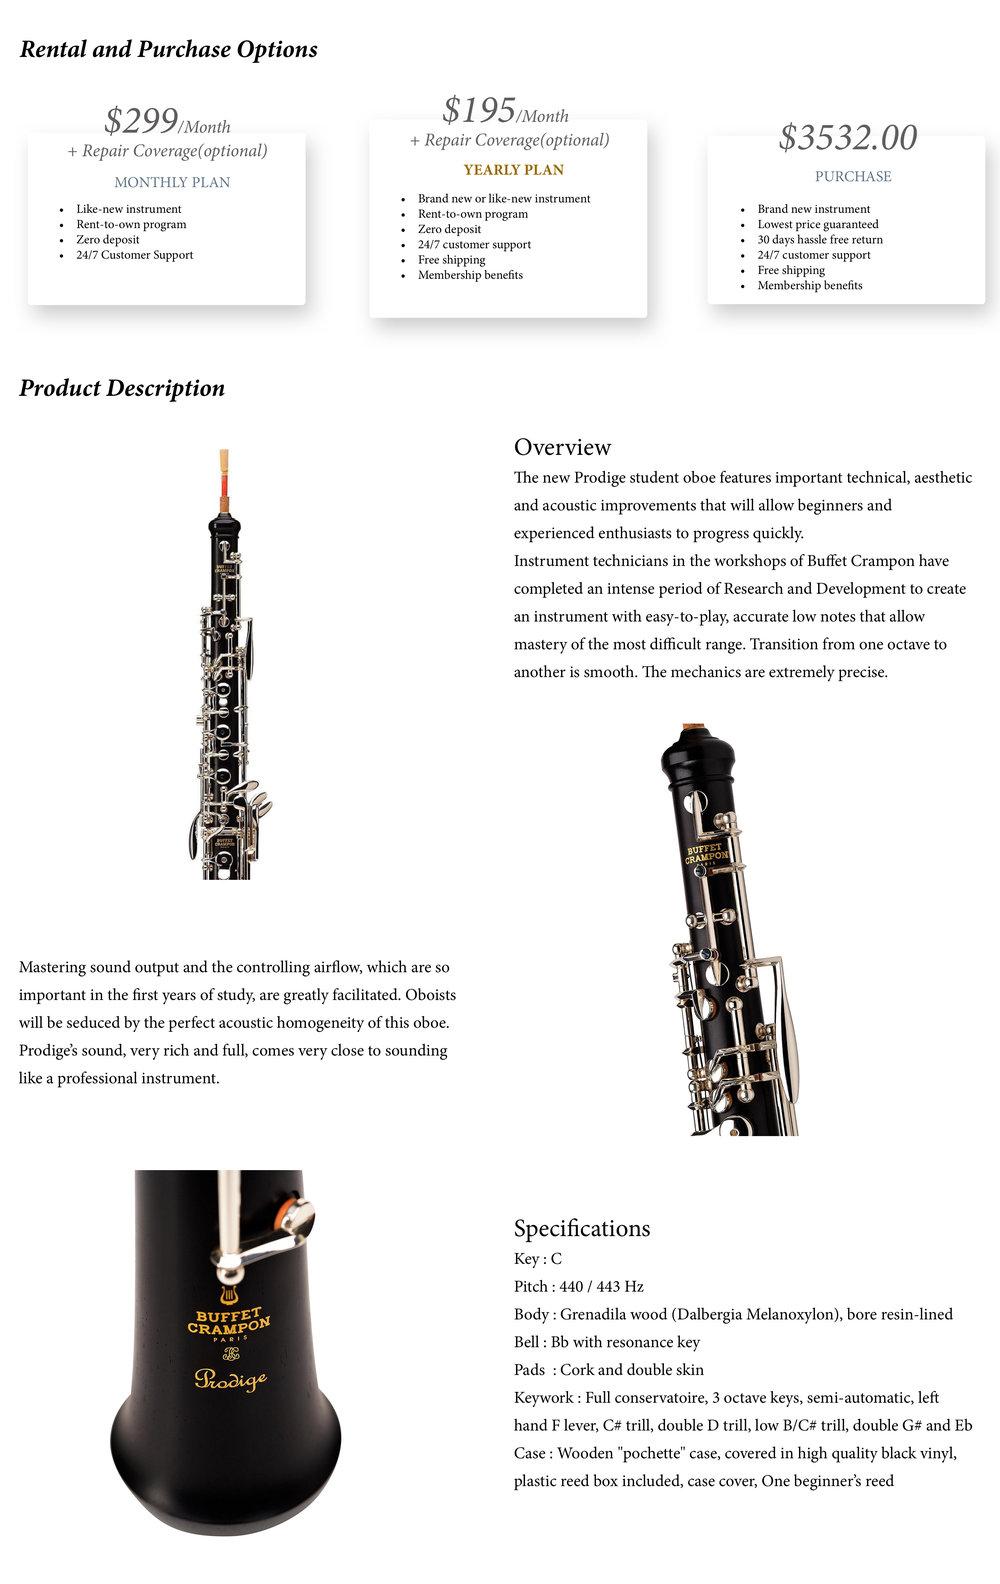 buffet-prodige-oboe.jpg